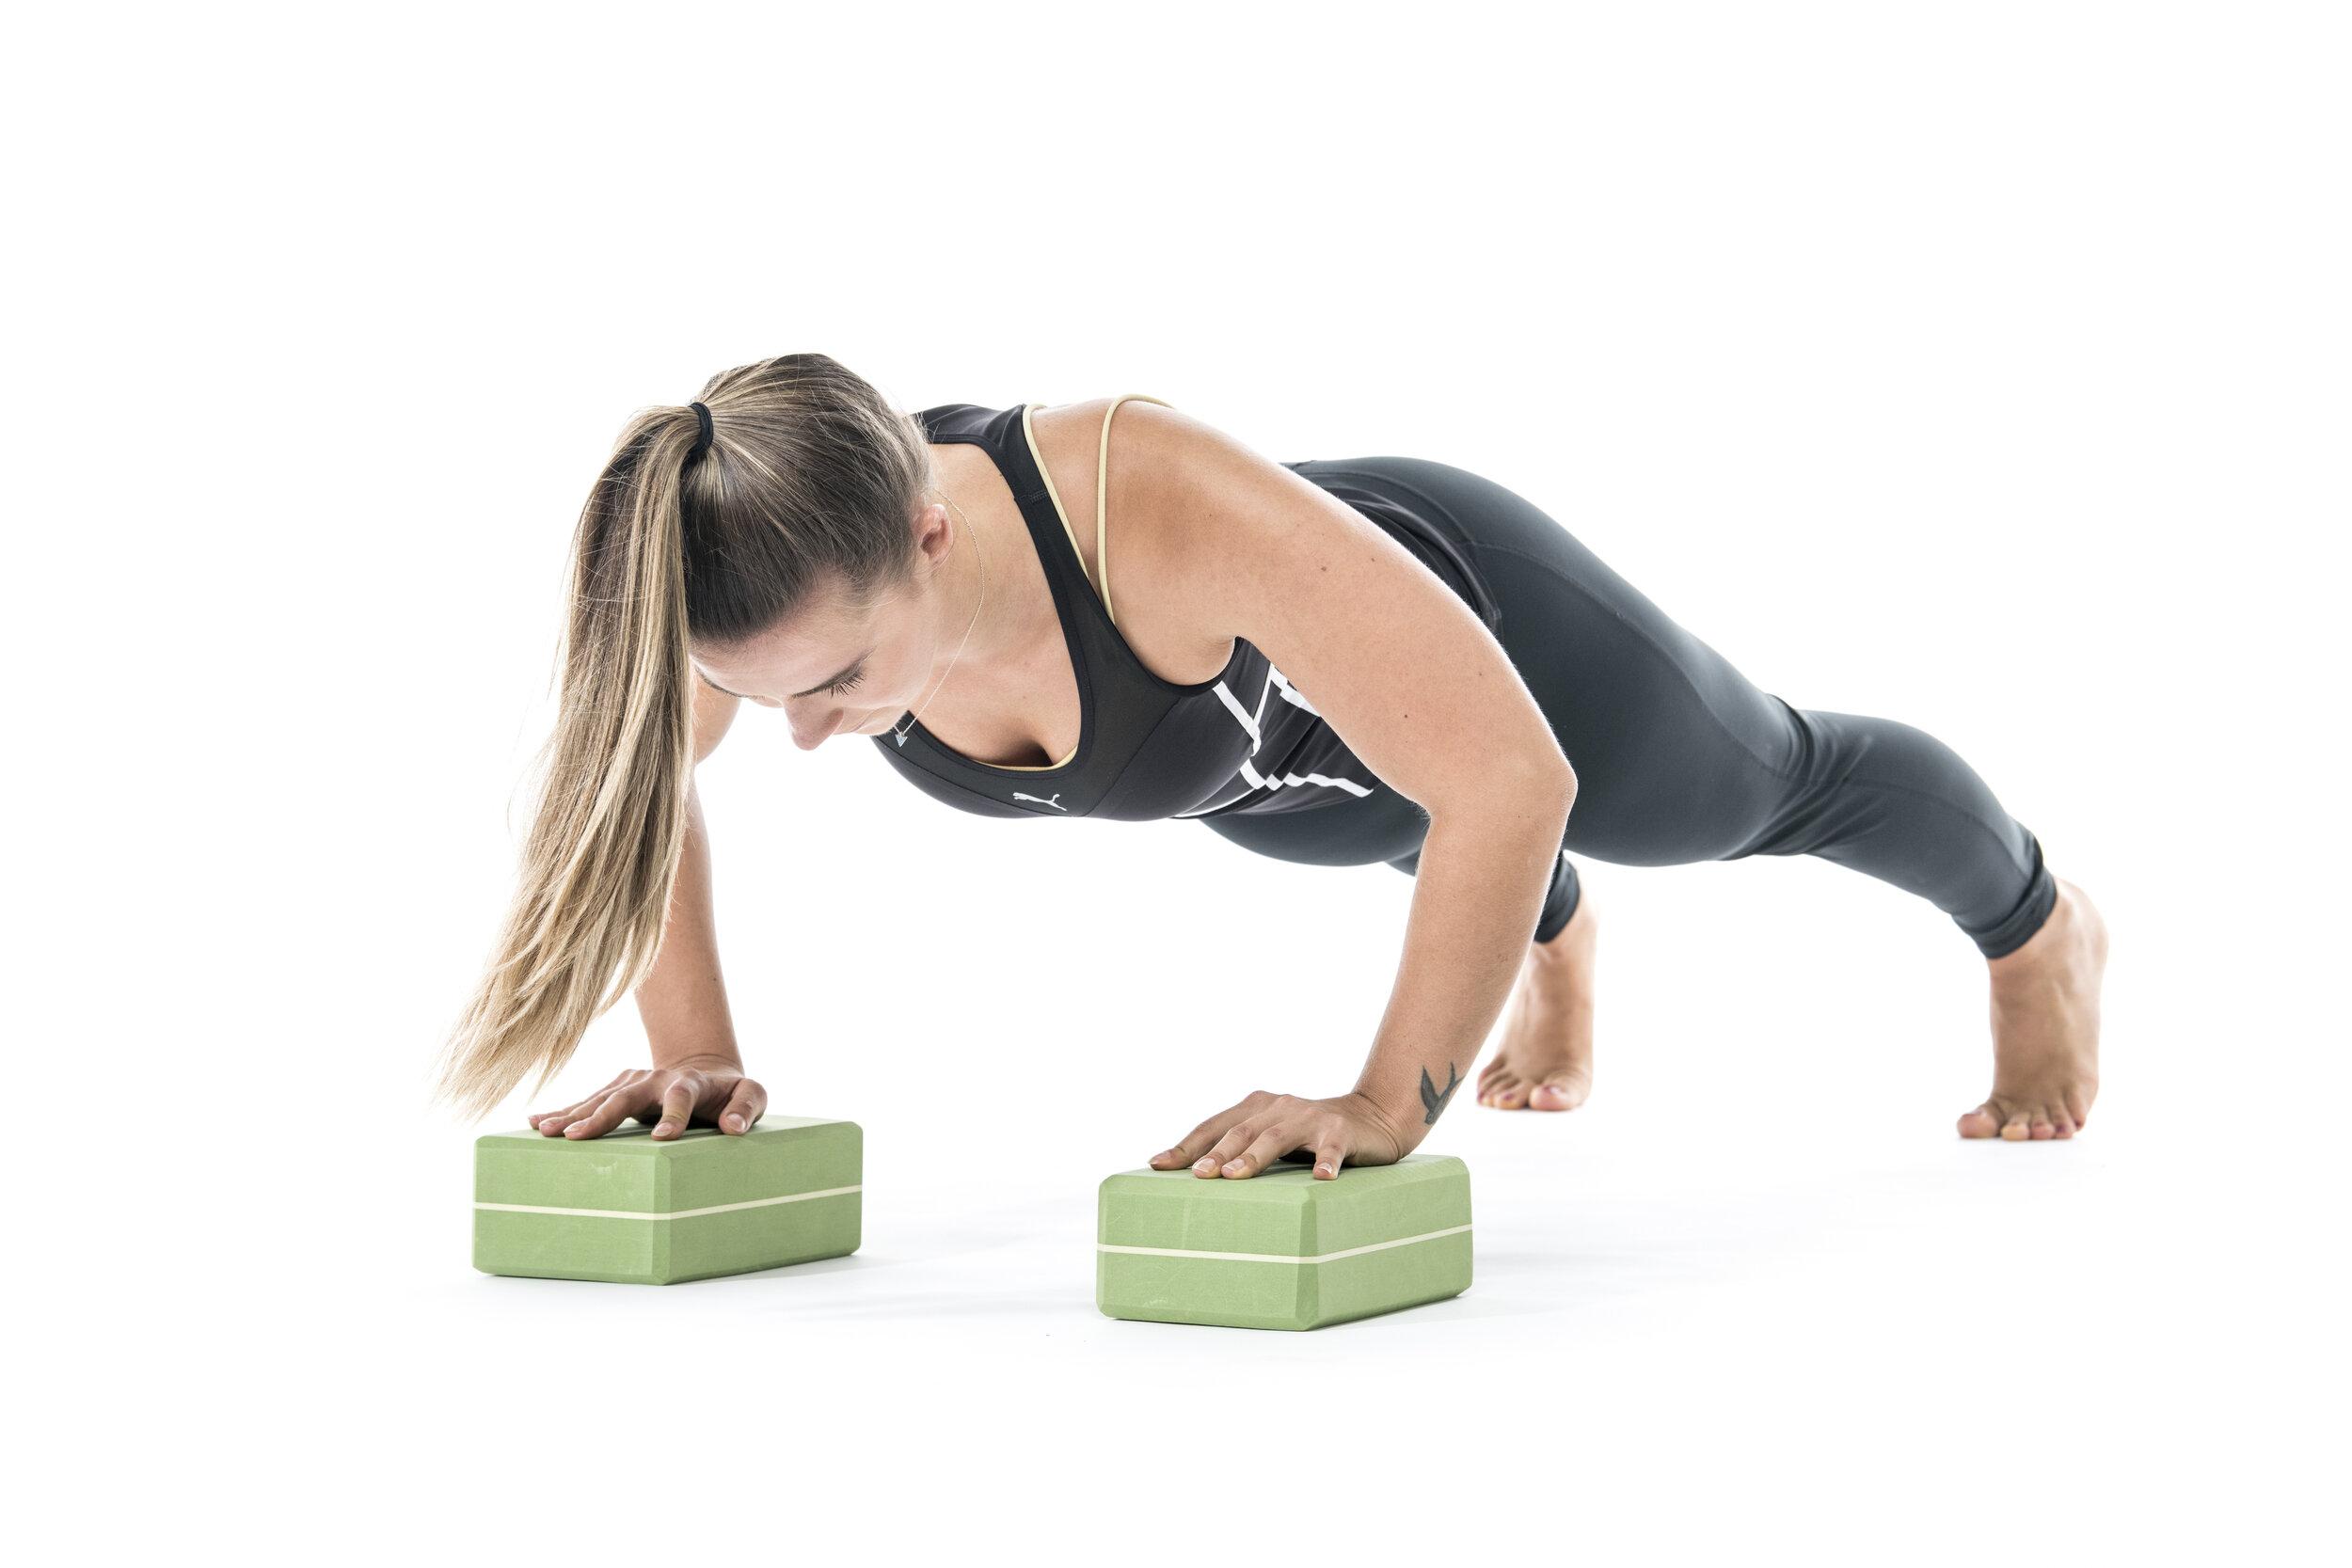 Zame - Pilates vadba v manjši skupini, s poudarkom na posamezniku. Več informacij >